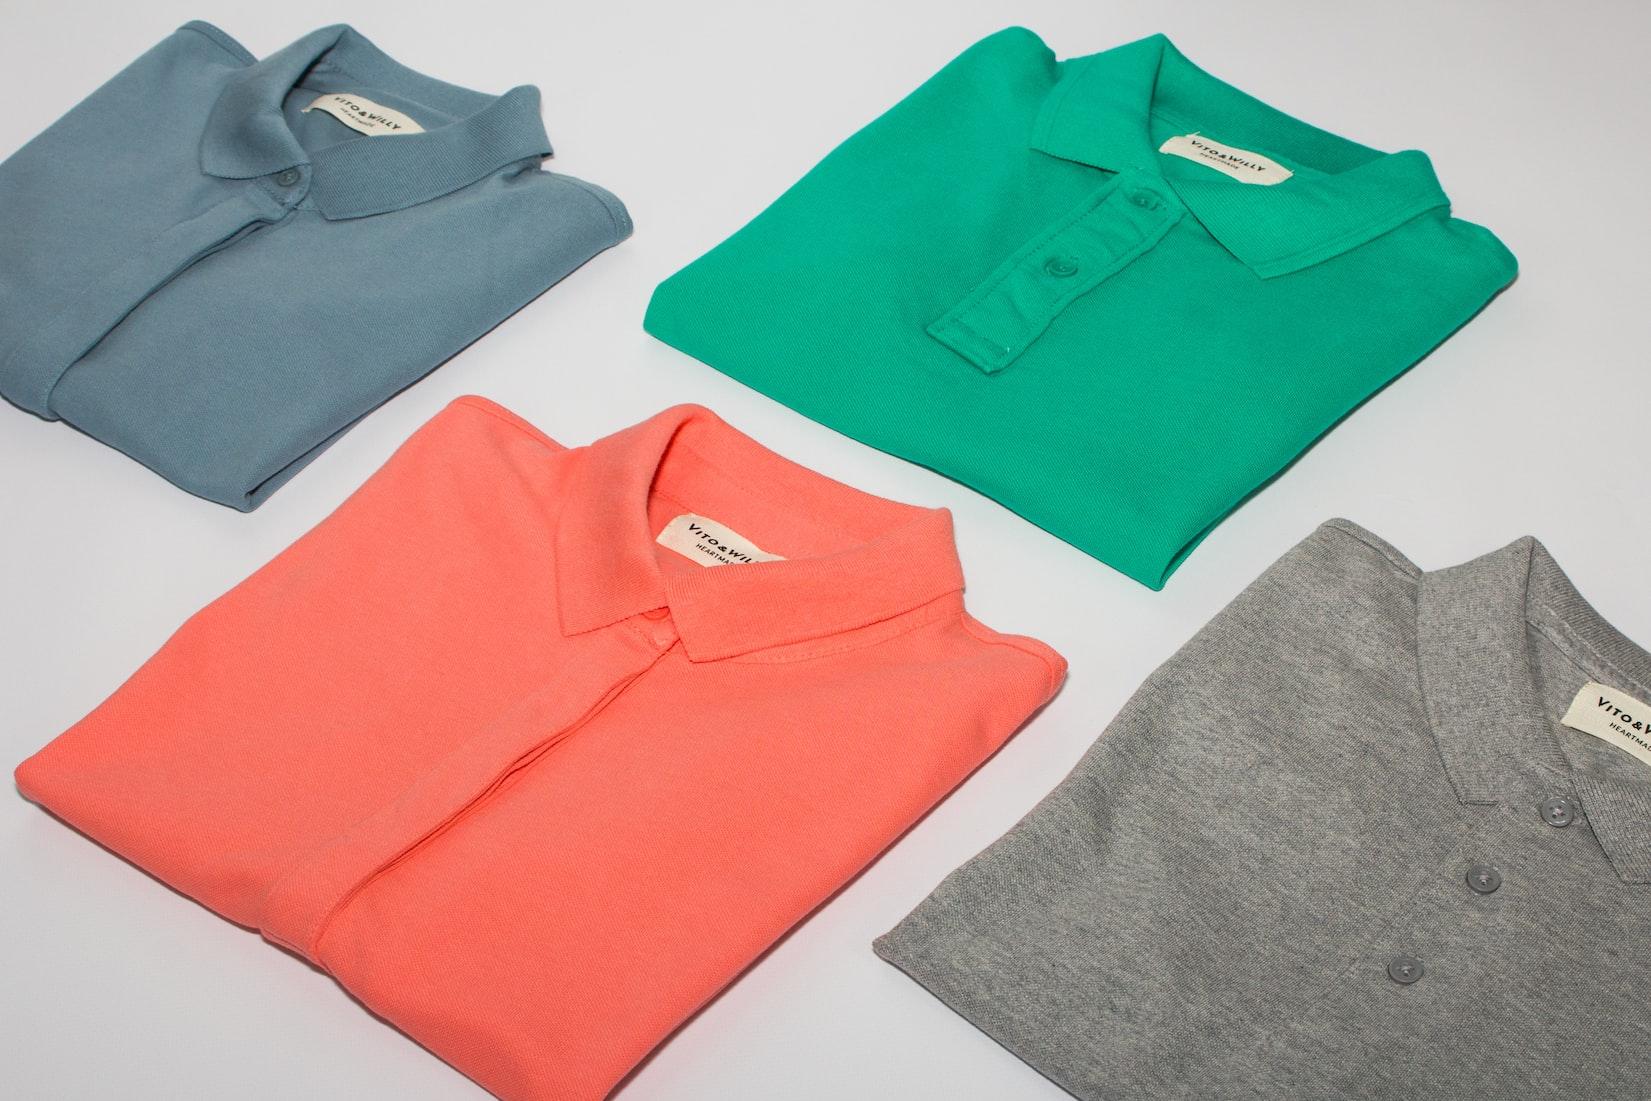 E-commerce: Lacoste vs. Ralph Lauren vs. Tommy Hilfiger